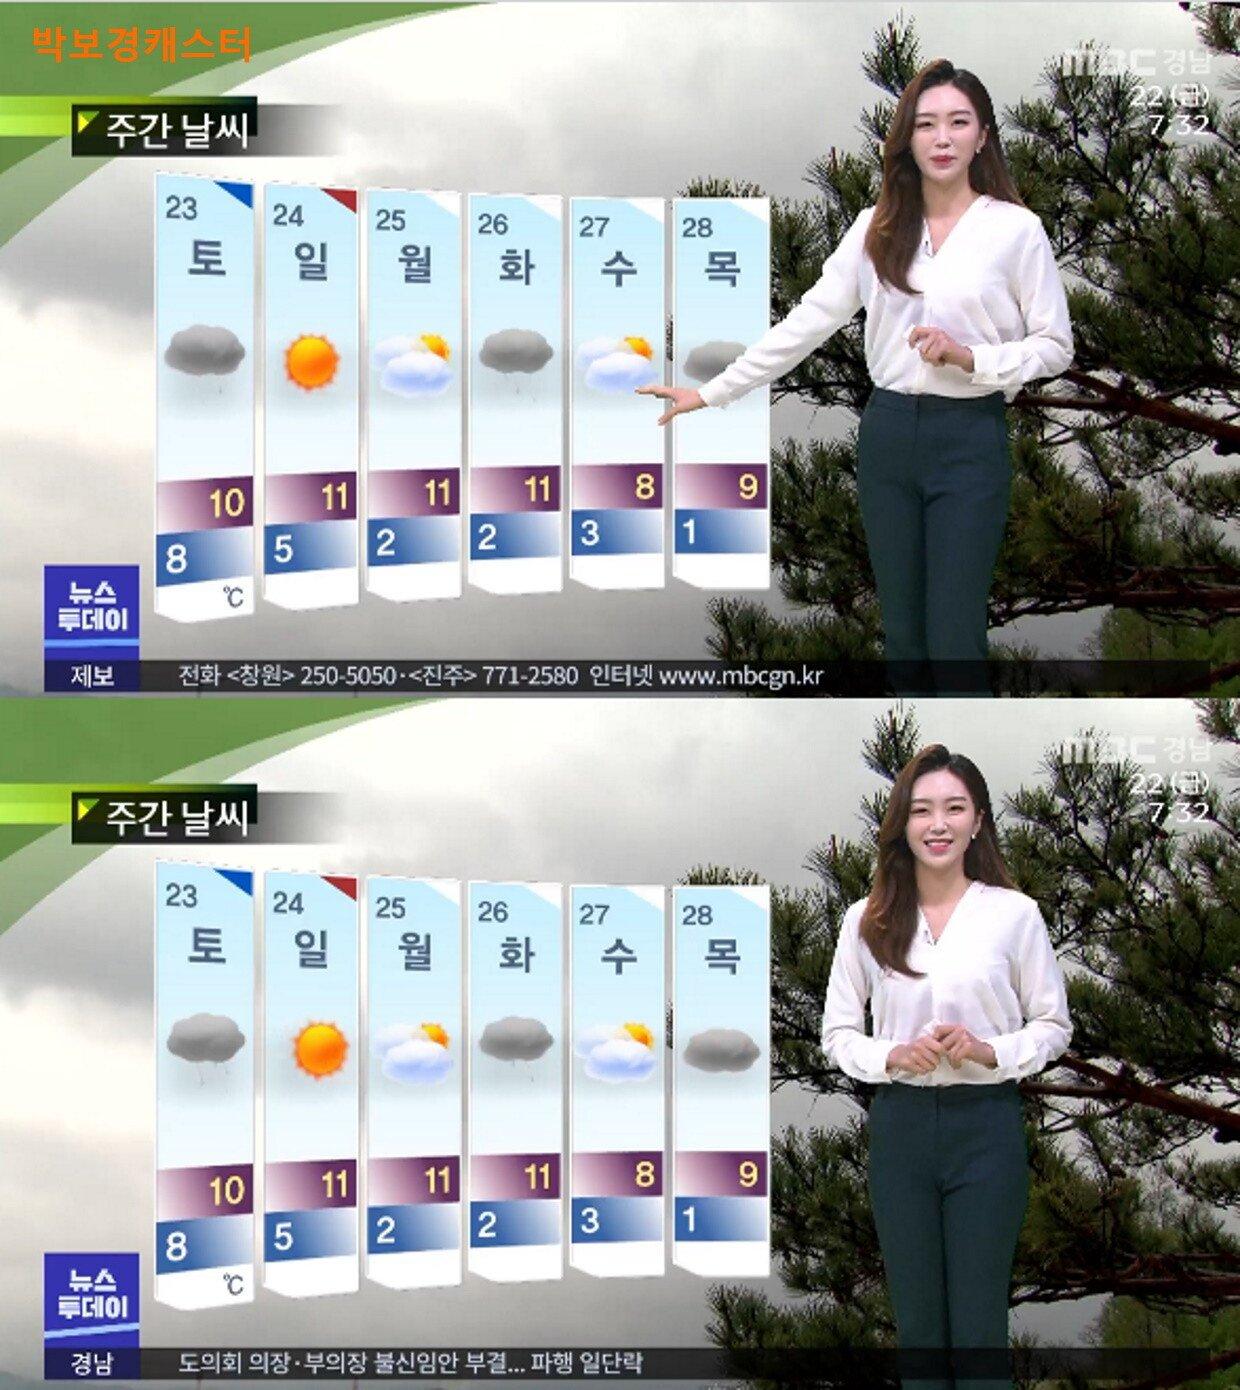 아침25.jpg 오늘 오후부터 내일 오후 남부 및 동해안 중심 비 또는 눈 (중서부 미세먼지)